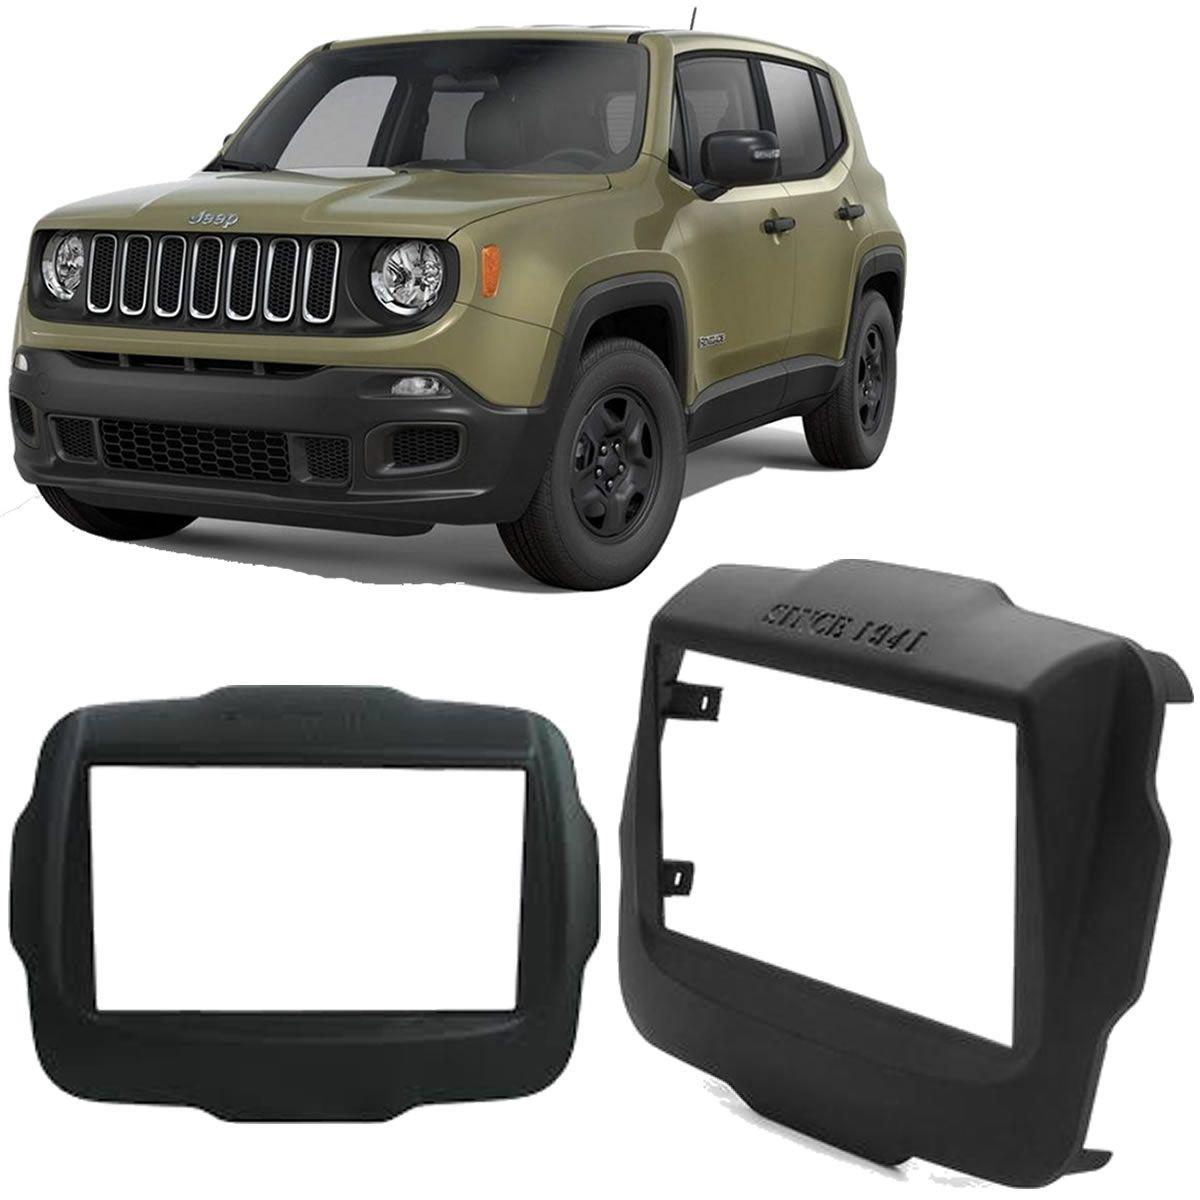 Moldura De Painel 2 Din Para Aparelho Original Jeep Renegade